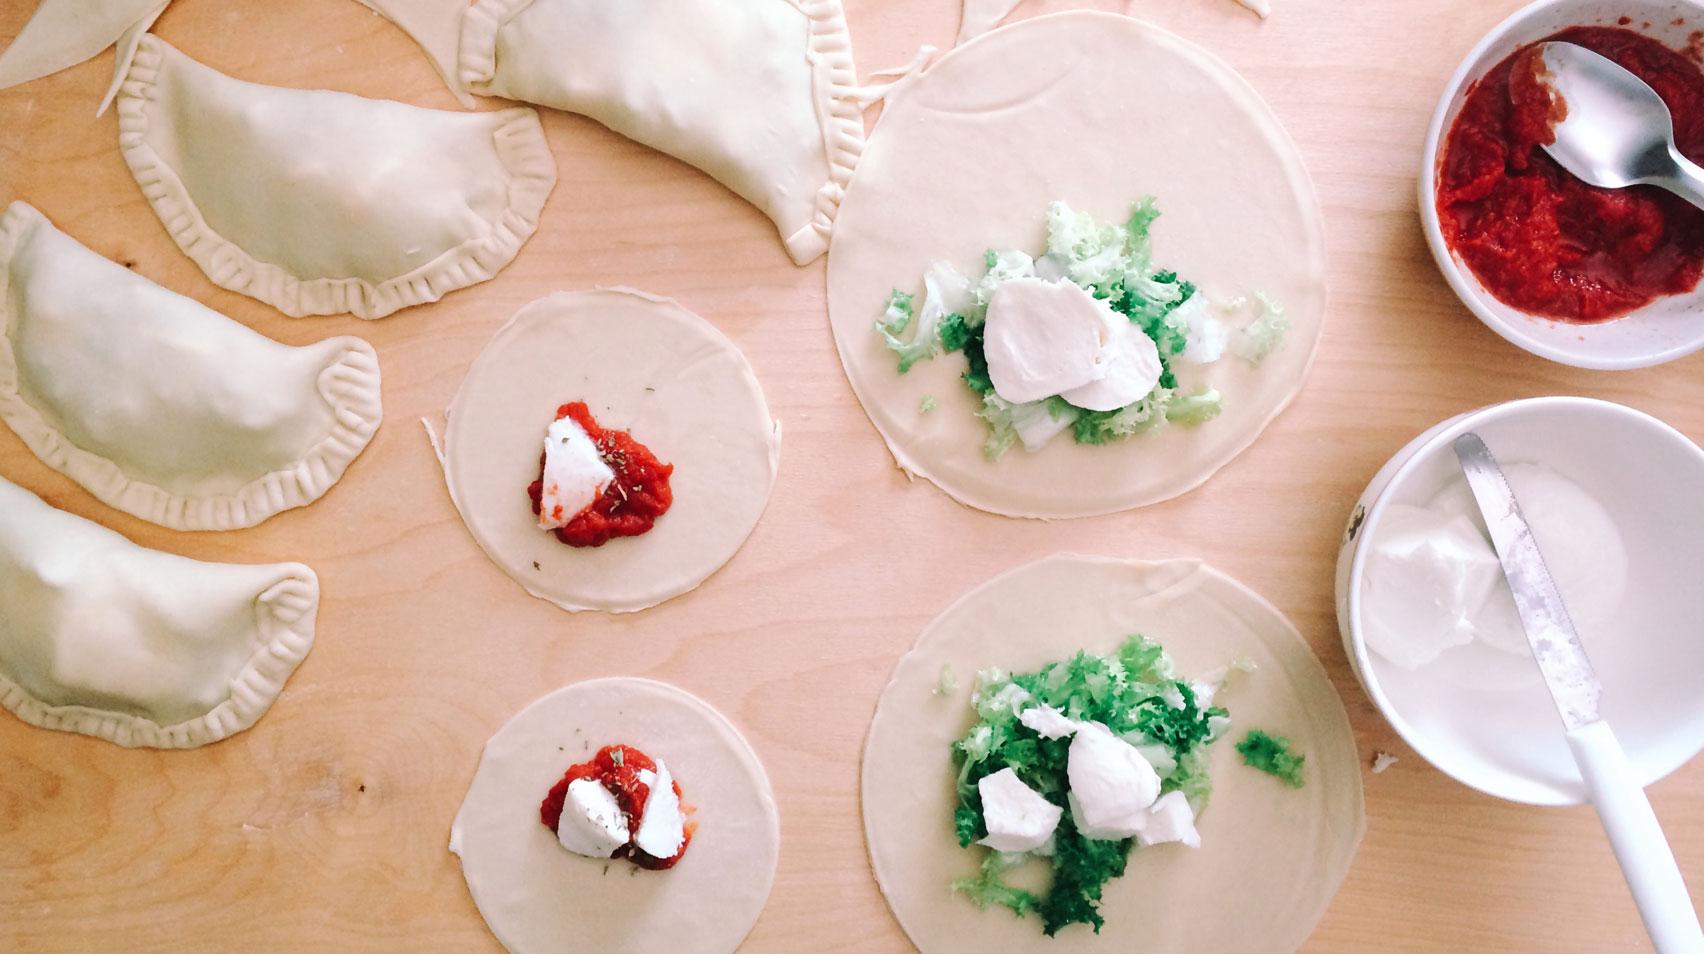 gnocco-fritto-modena-focacce-preparazione4